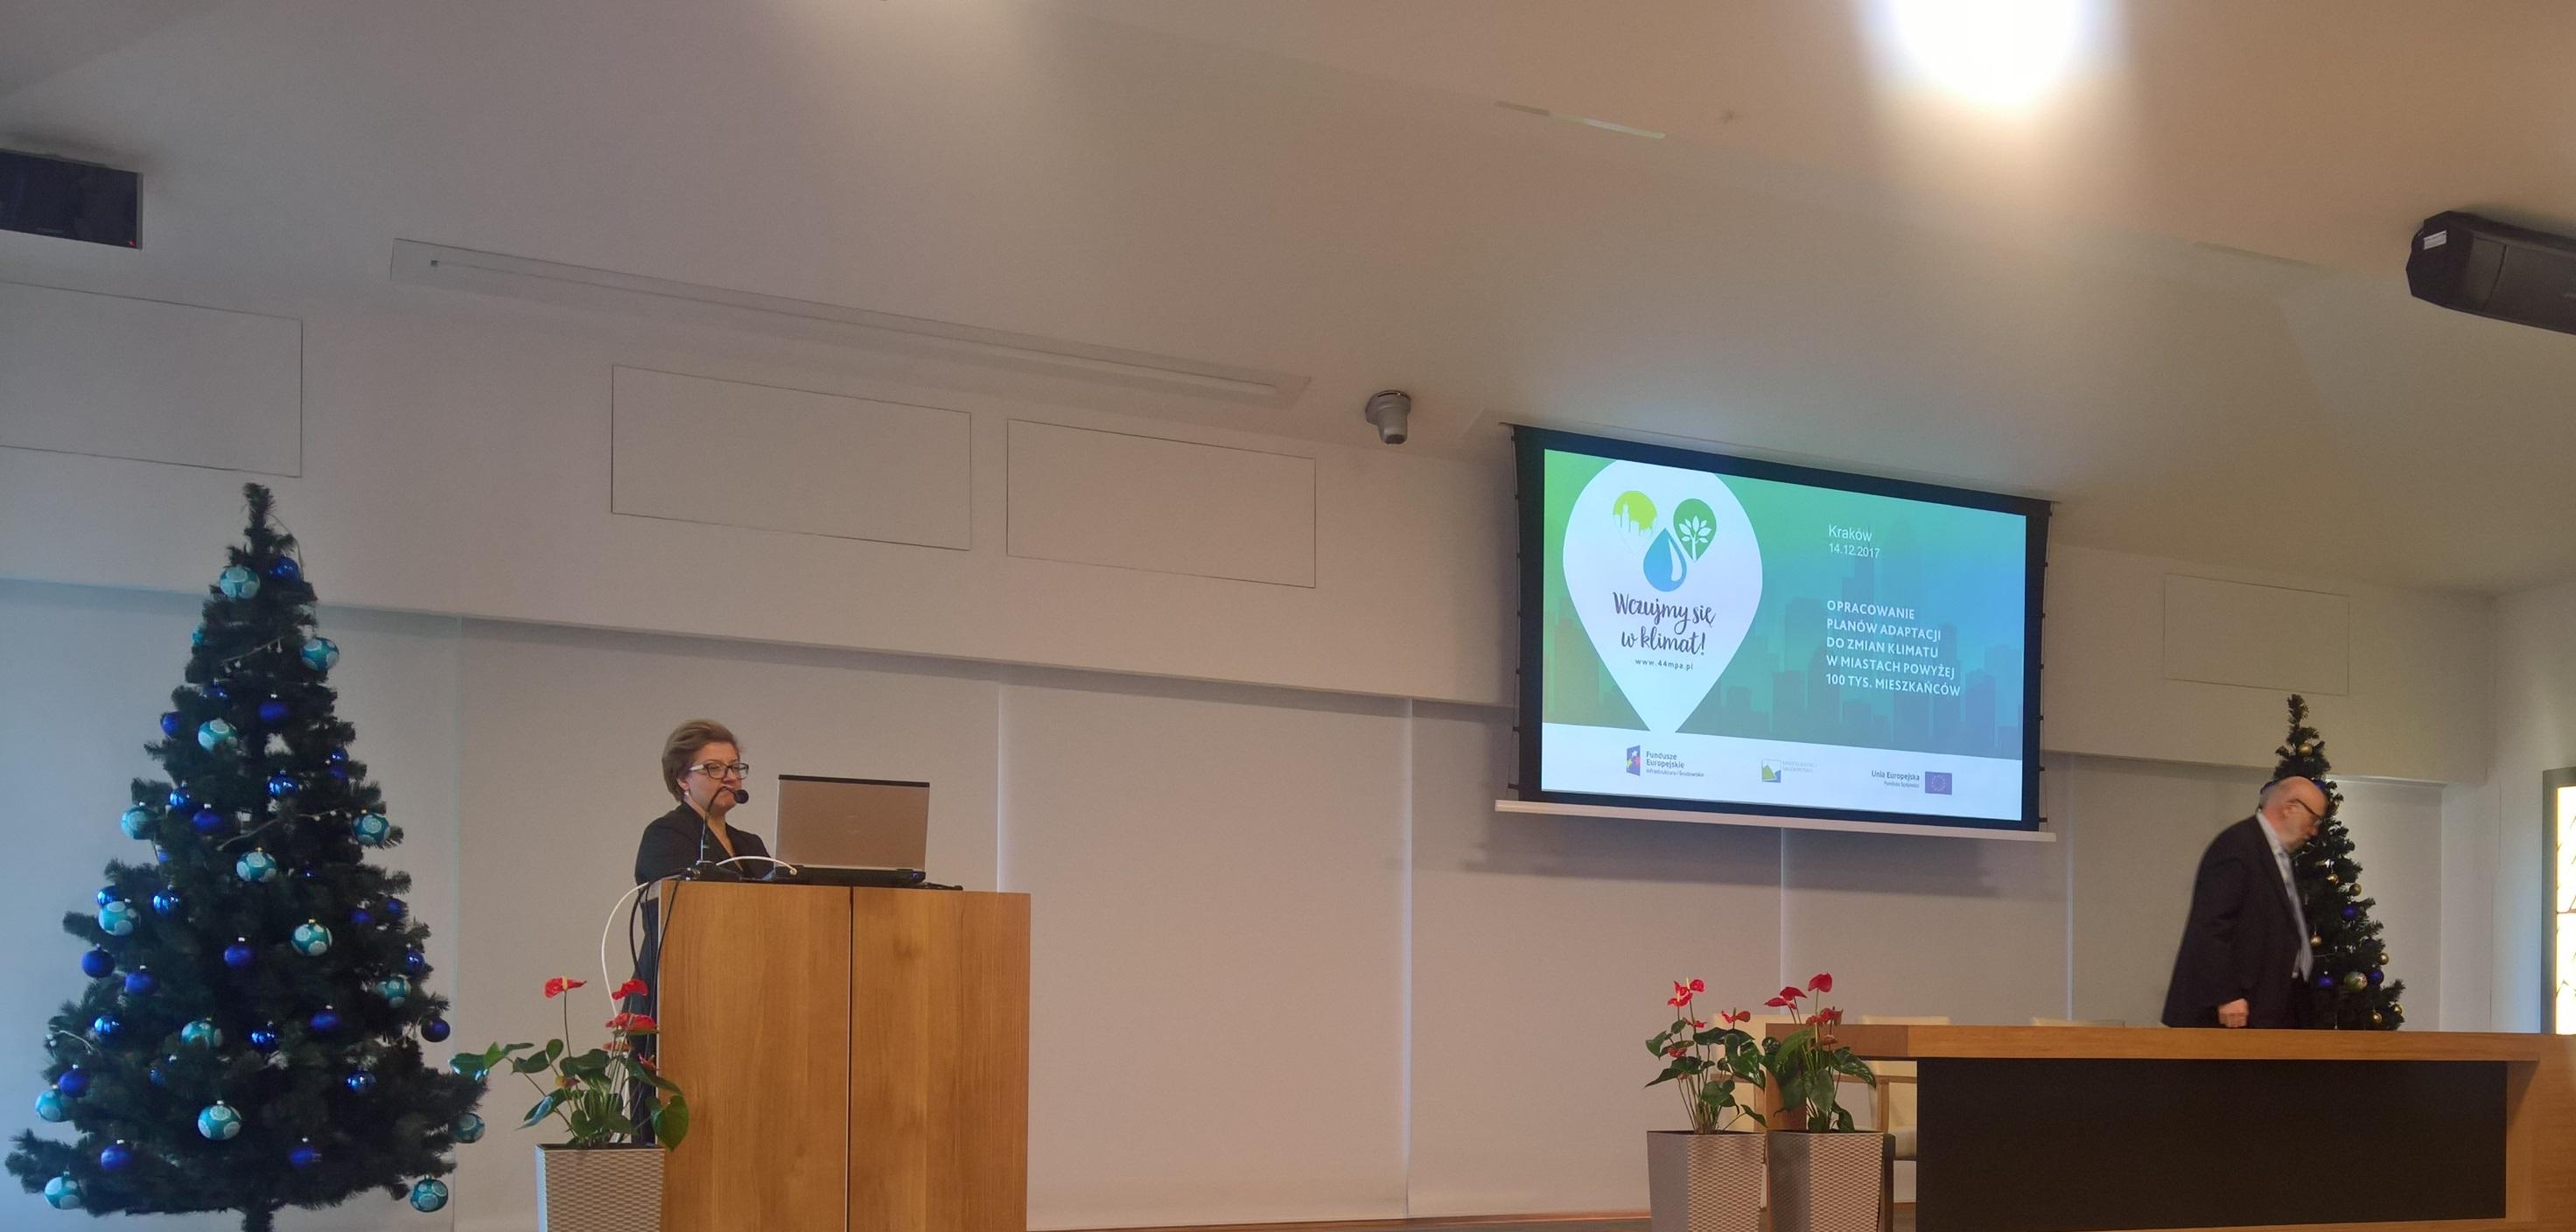 Forum Kraków3 1 - VI Klimatyczne Forum Metropolitalne w Krakowie, czyli jak szybko poprawić jakość powietrza